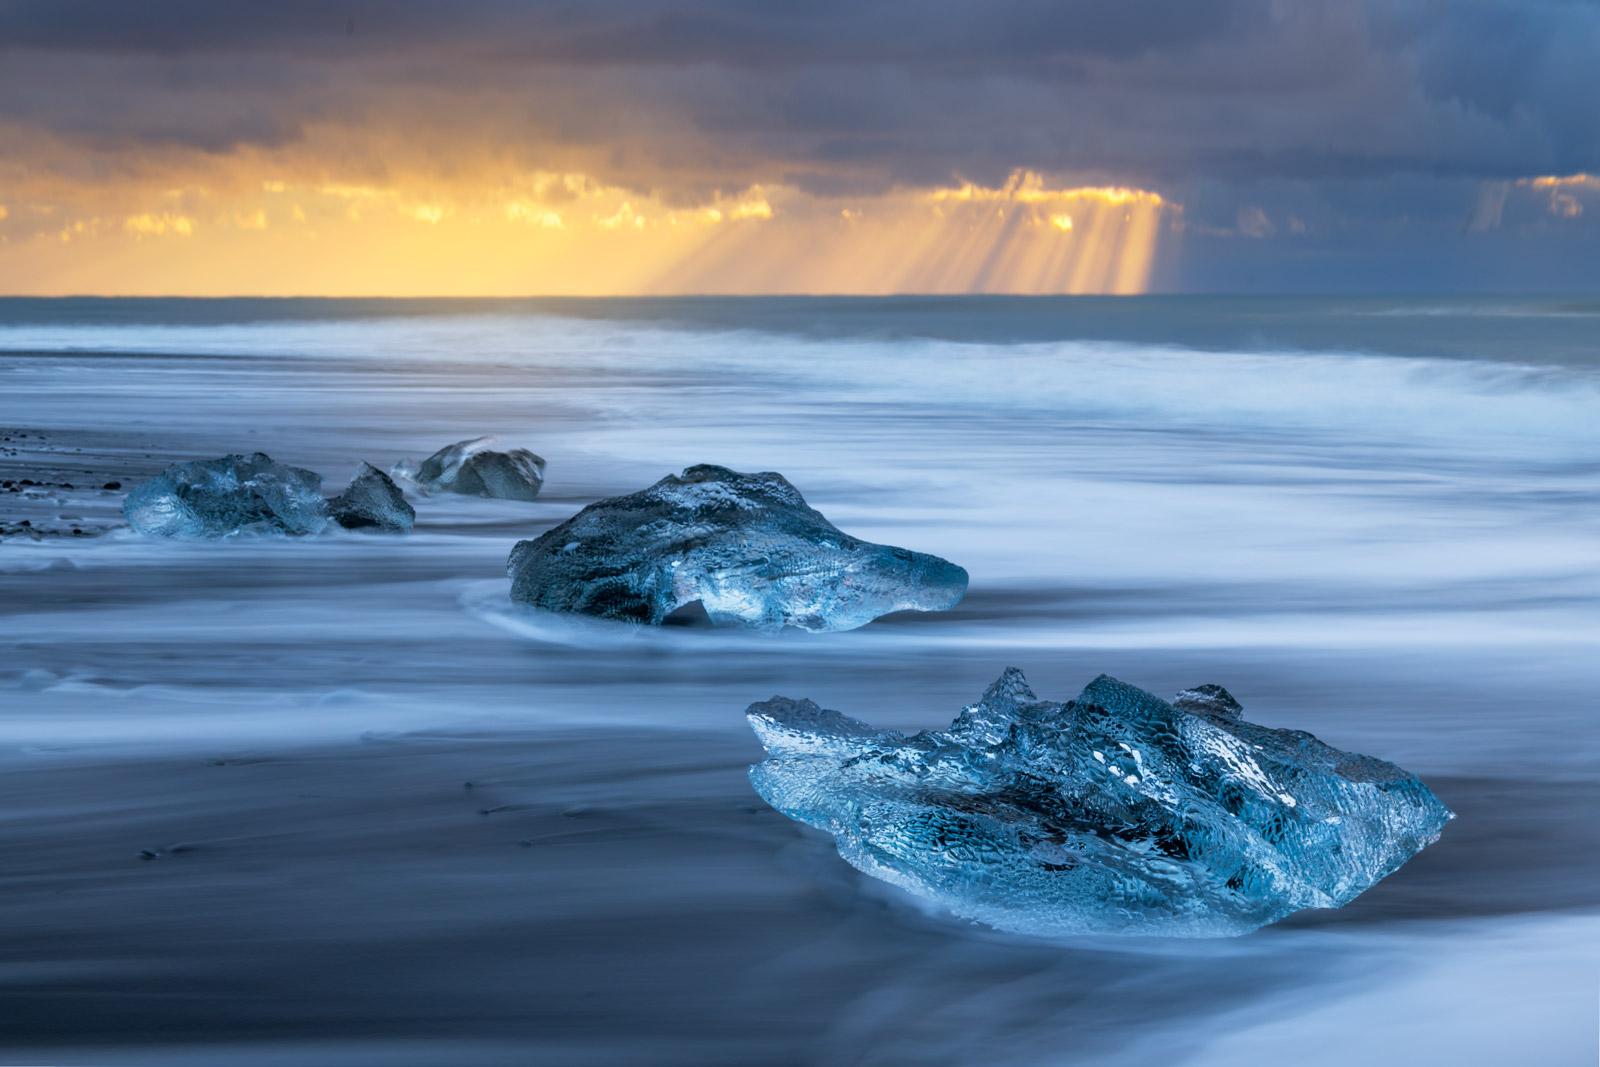 Iceland, Jokulsarlon, icebergs, lagoon, ocean, sunrise